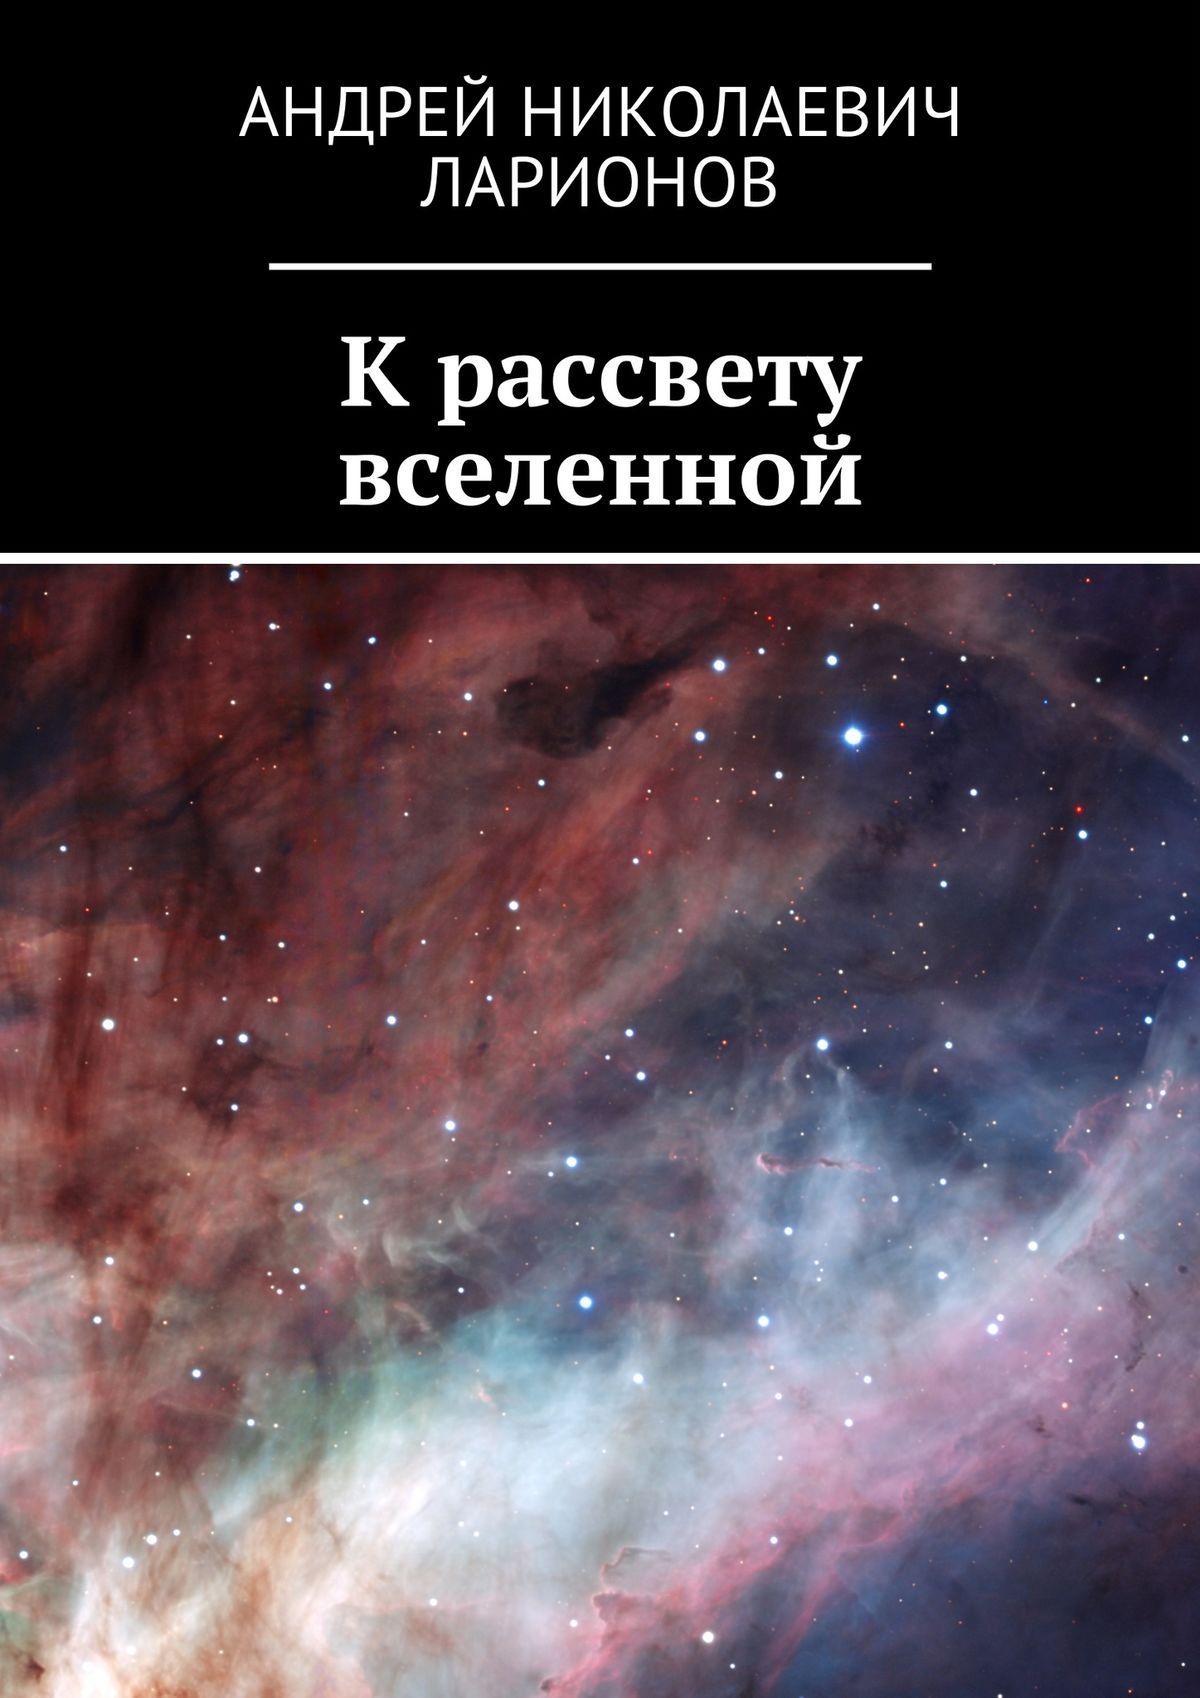 Андрей Николаевич Ларионов Крассвету вселенной цена